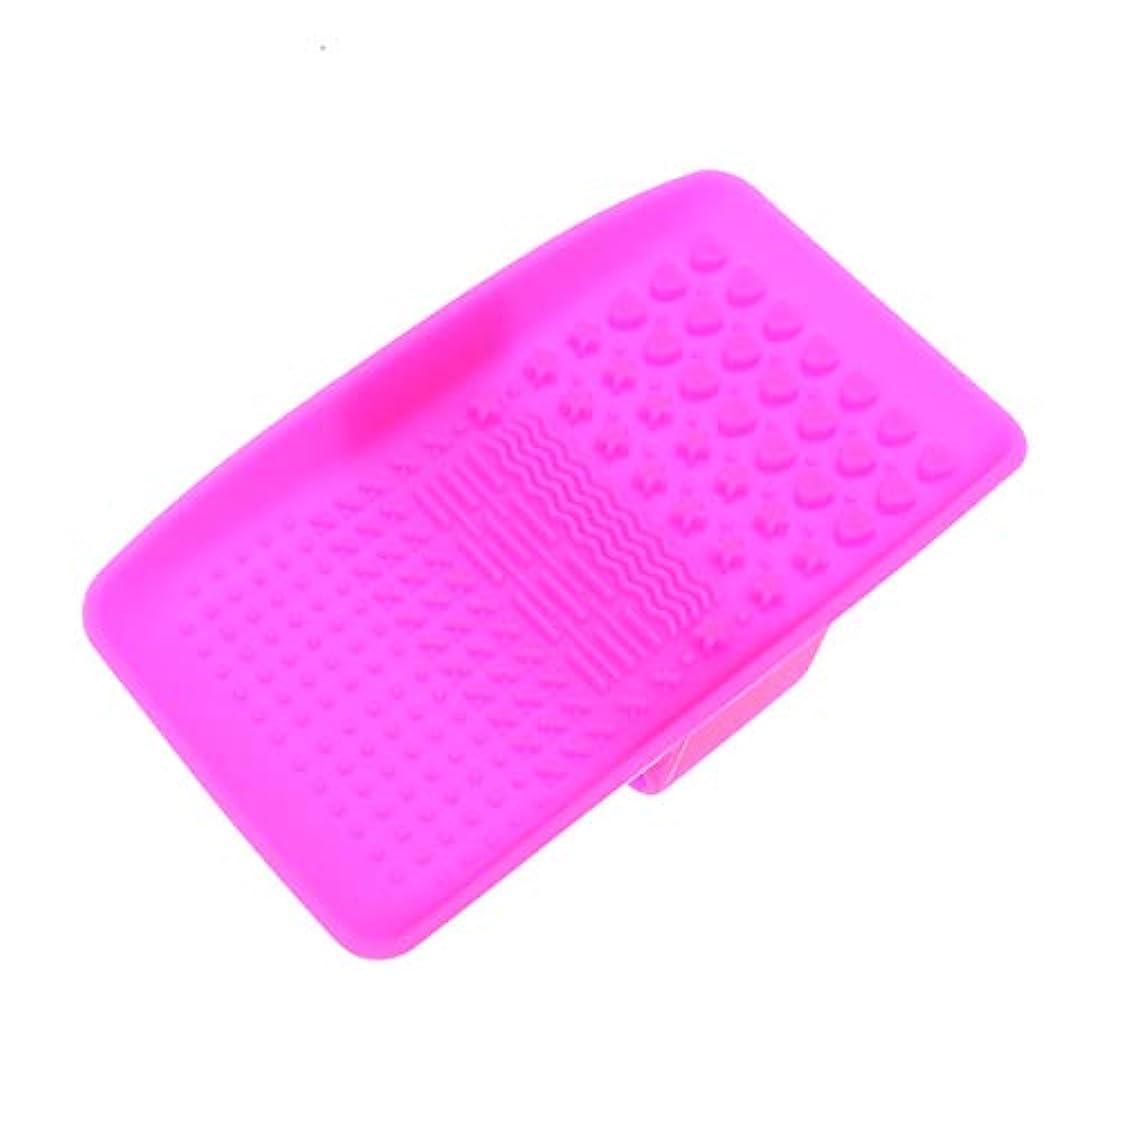 ストッキング式性格Beaupretty 吸引ブラシが付いているシリコーンのブラシのクリーニングのマットの携帯用化粧品のブラシの洗剤